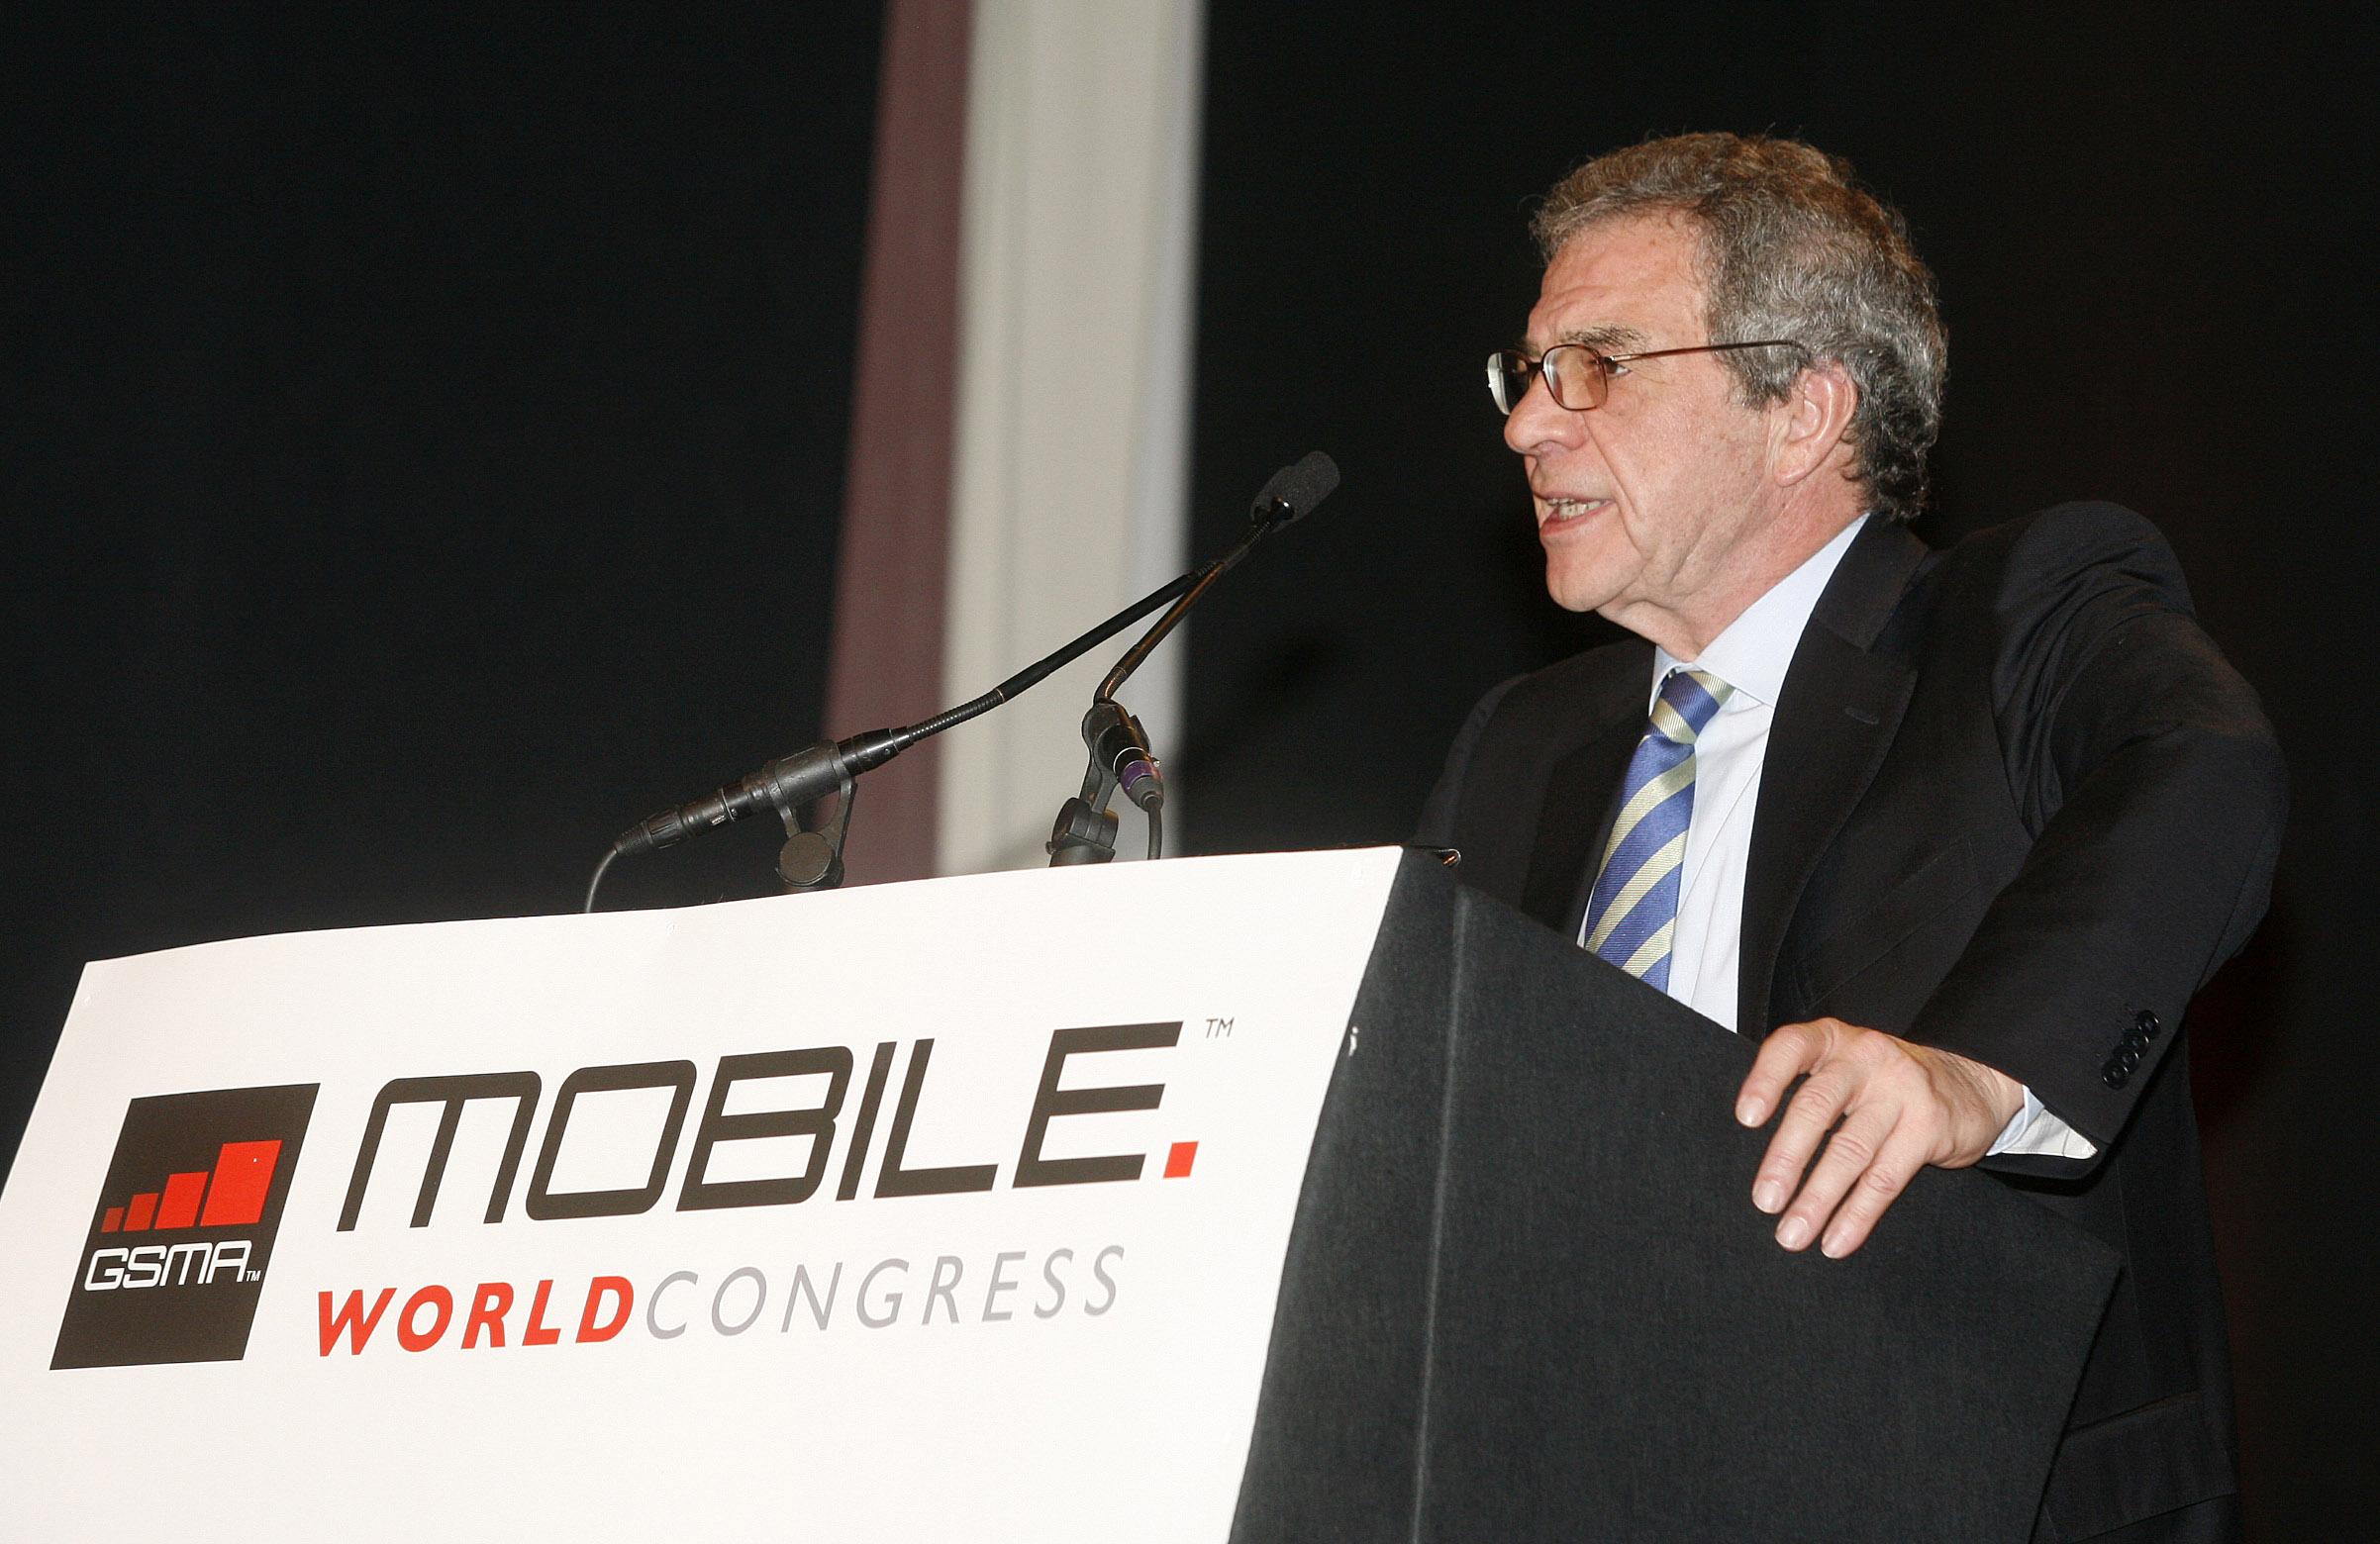 Netzbetreiber auf dem MWC: Google & Apple sind böse – Die verzerrte Welt der Mobilfunkbosse